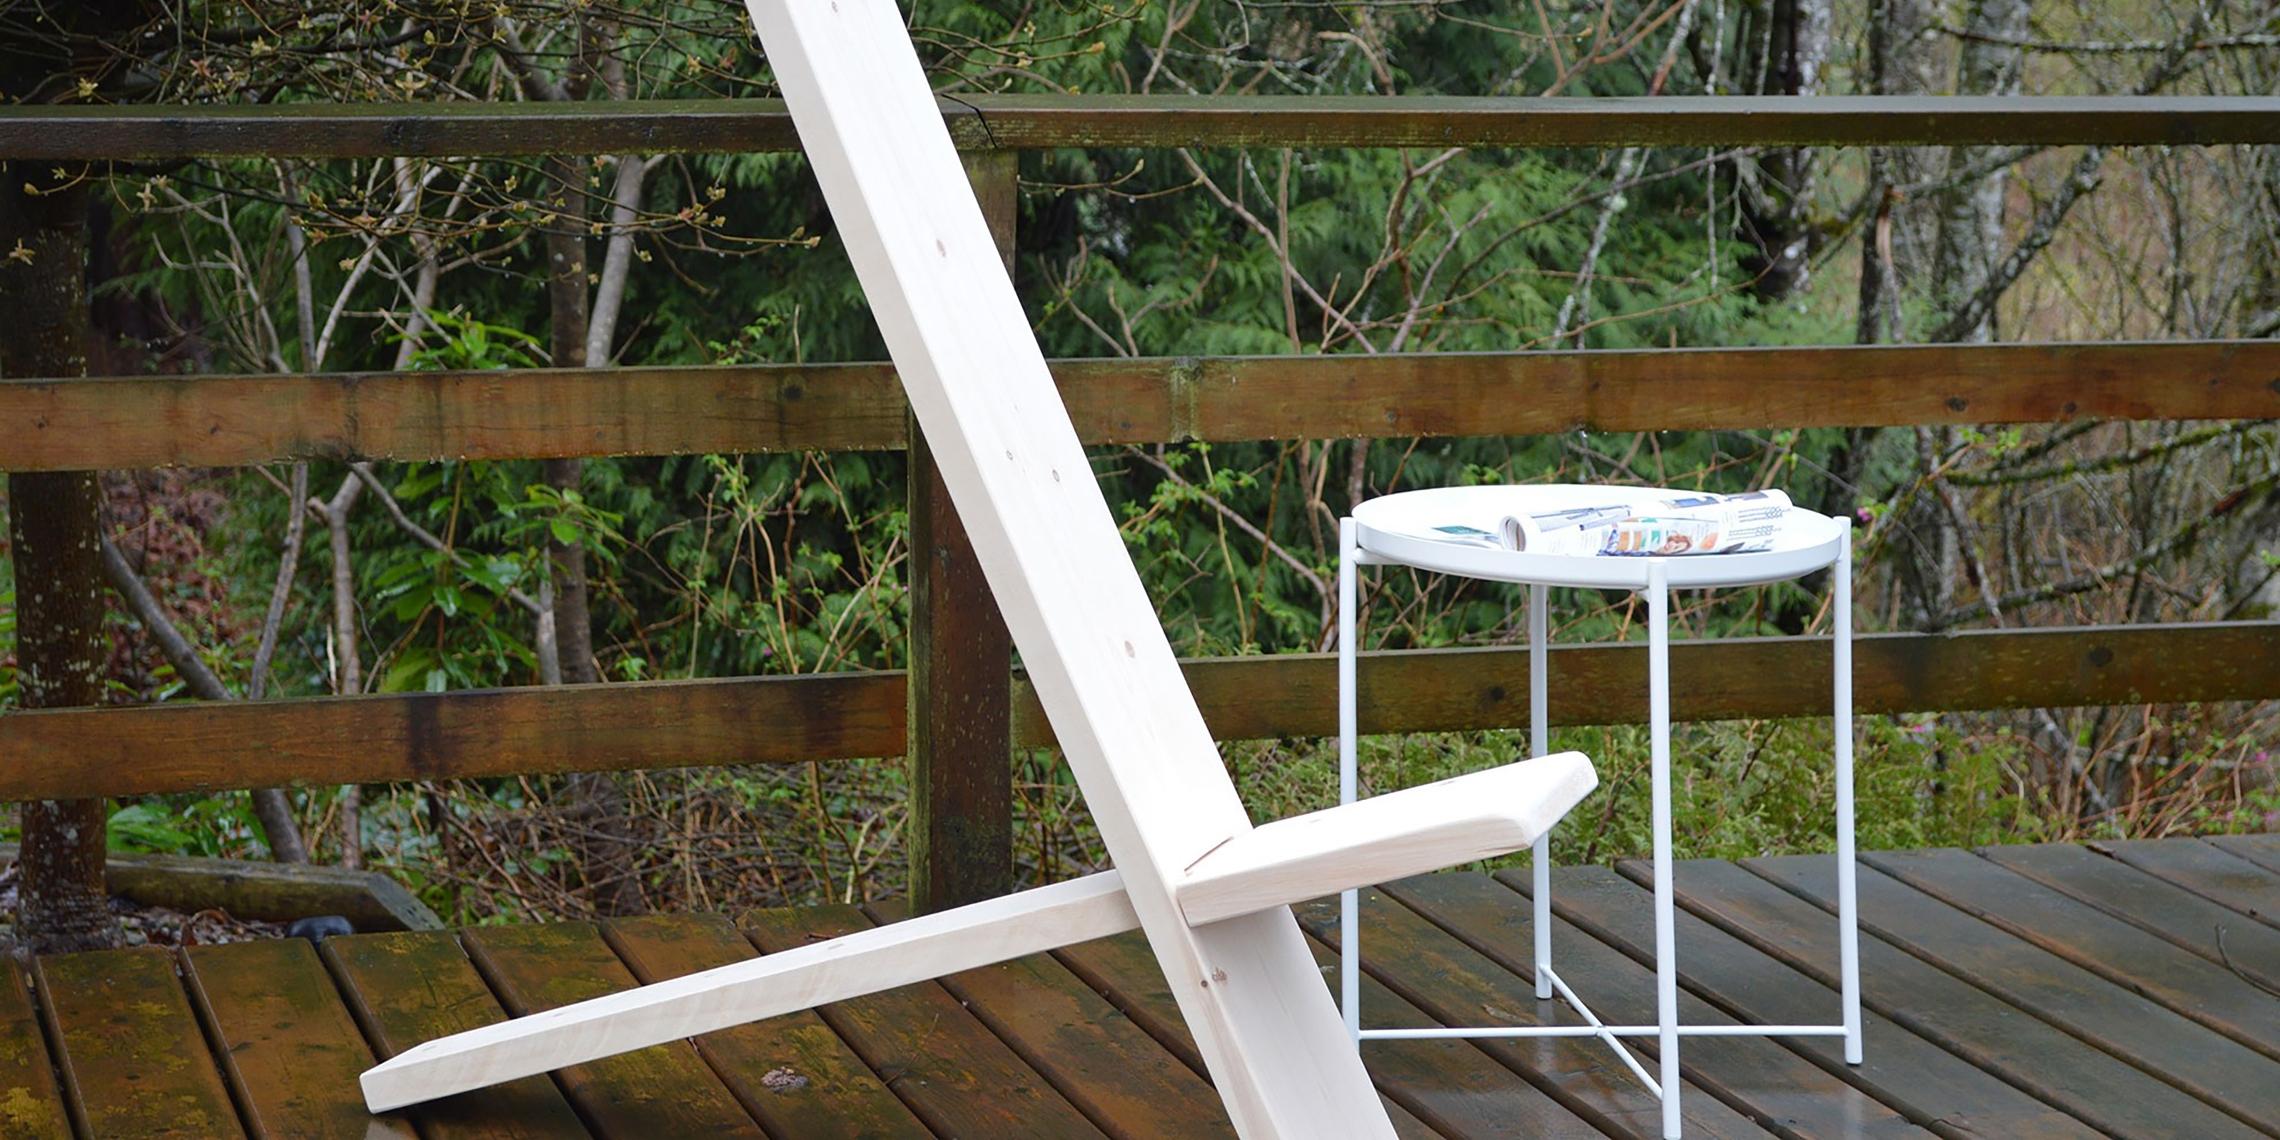 Unschlagbar Einfach Und Gunstig Bau Dir Einen Stylischen Stuhl Fur Deine Terrasse Bosch Diy